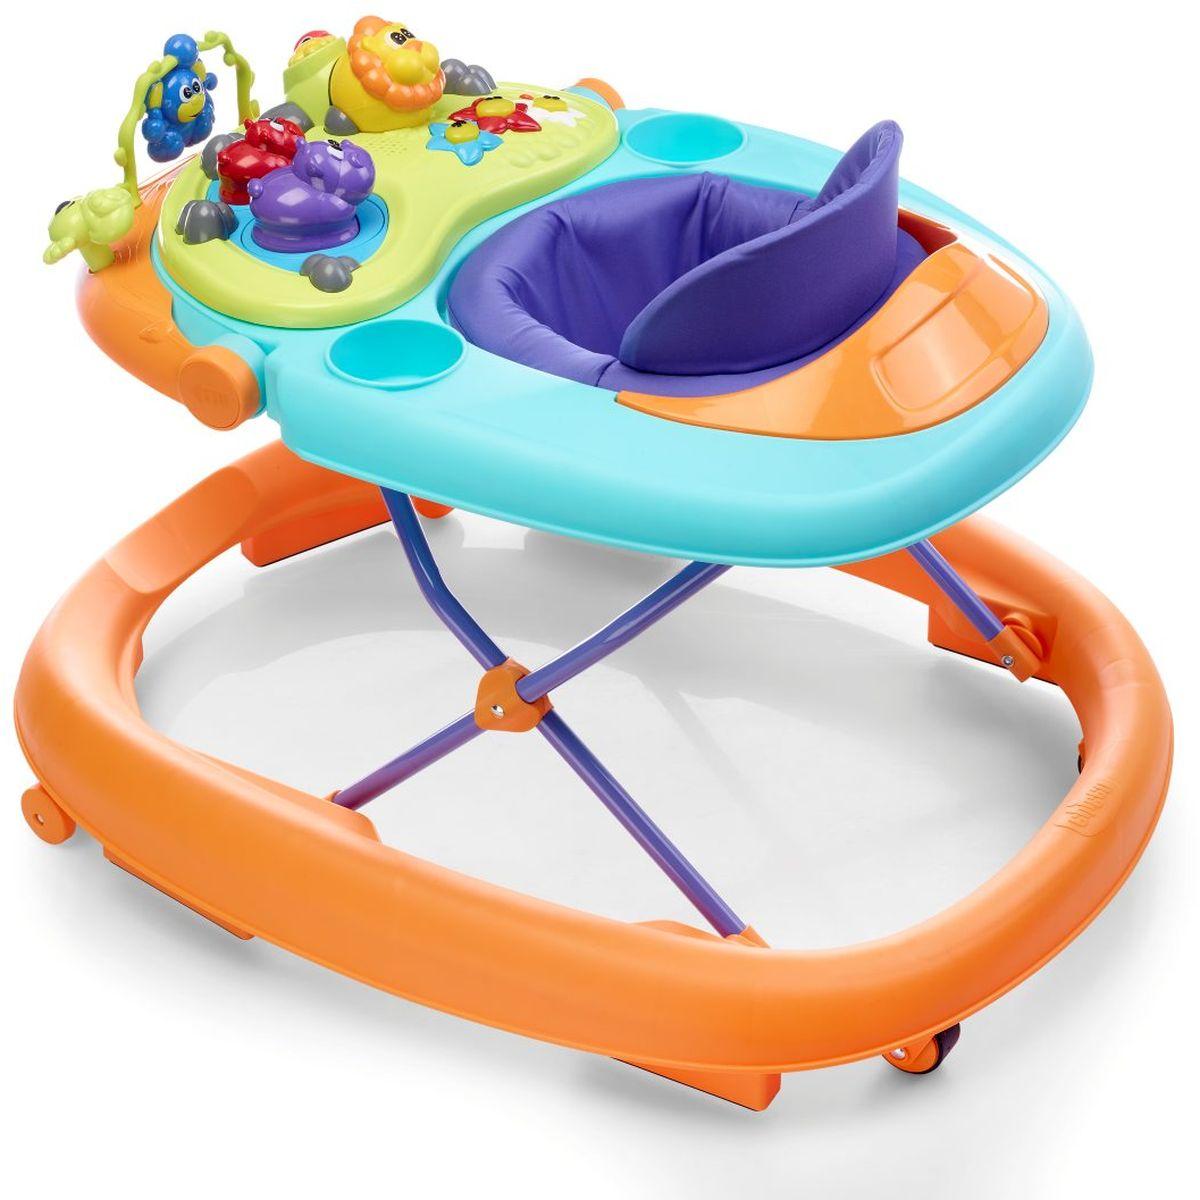 Chicco Ходунки Walky Talky цвет оранжевый07079540980000Высота ходунков Chicco может быть отрегулирована по мере роста ребенка. Ходунки оснащены панелью для игр, которая помогает развивать зрительные и слуховые навыки ребенка, а также координацию рук. Они оснащены двумя задними колесами, двумя передними поворотными колесами, а также шестью нескользящими тормозами, соответствующими применимым европейским нормам безопасности и предохраняющими от случайных падений с лестниц.